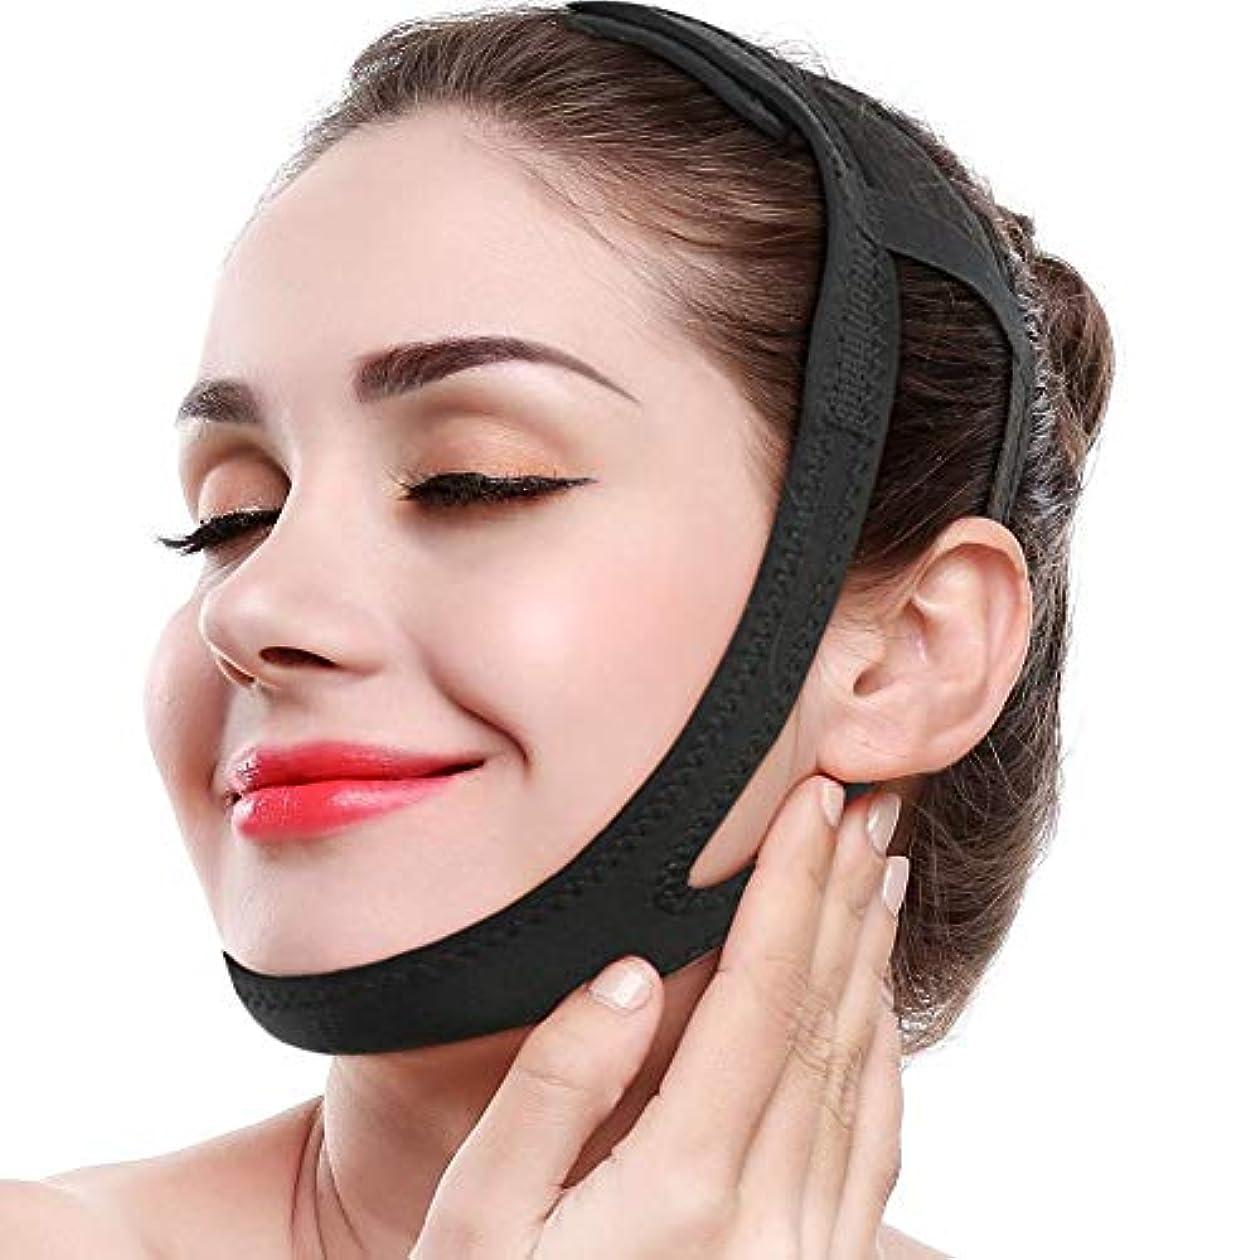 借りている危険なボタン顔の細くの薄い表面マスク、持ち上がる表面ベルトは顔の包帯のための二重あごの引き締まった肌の抵抗の形のVライン減量を減らします